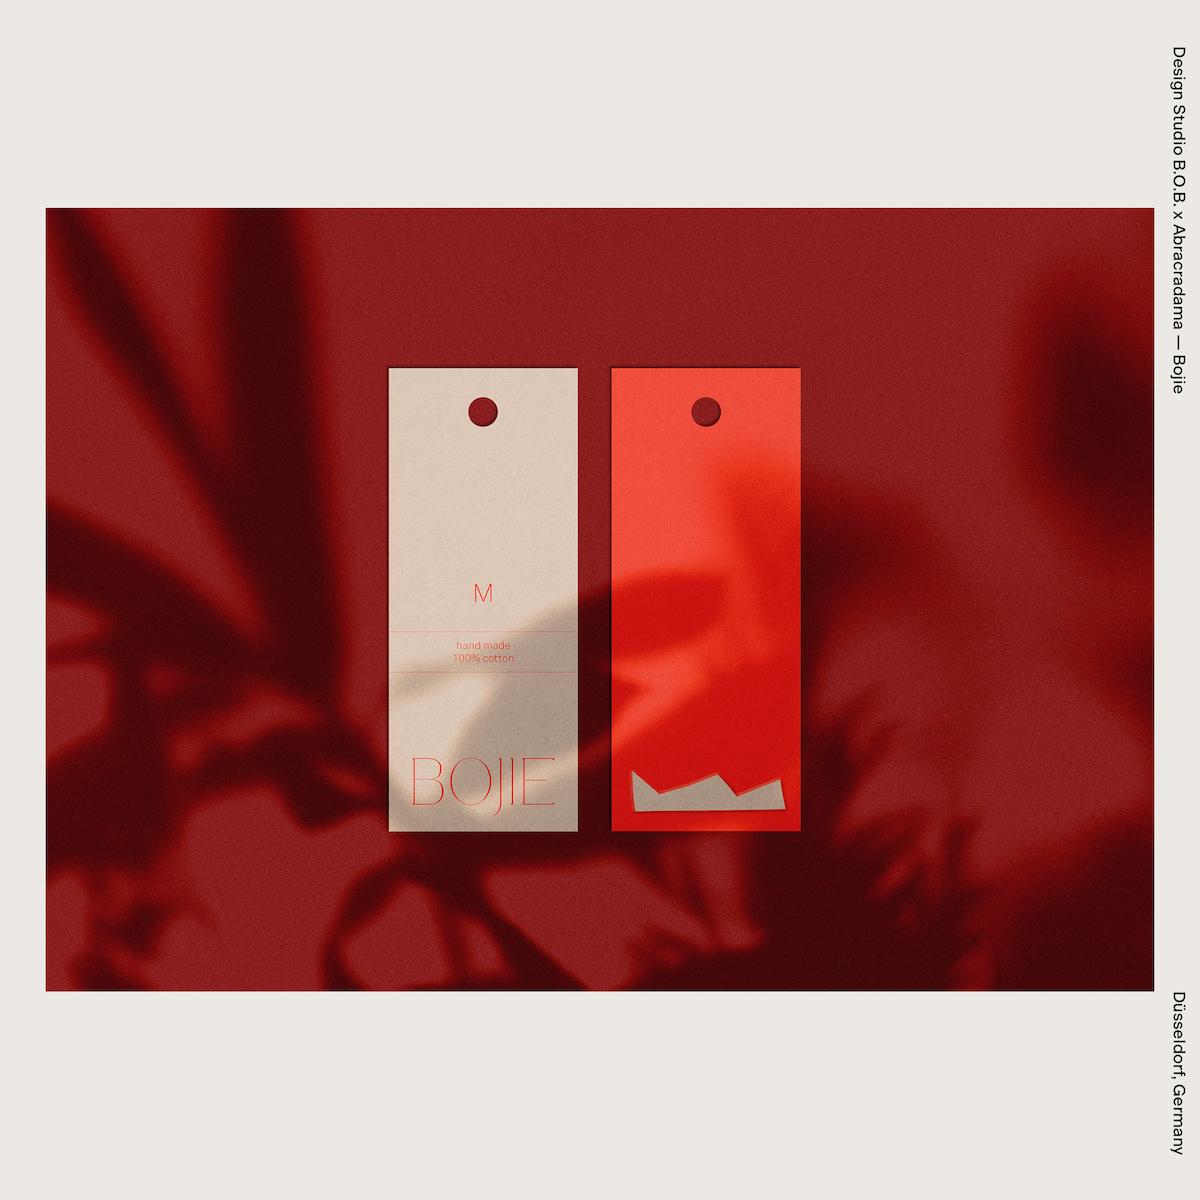 Design Studio B.O.B. x Abracradama —Bojie